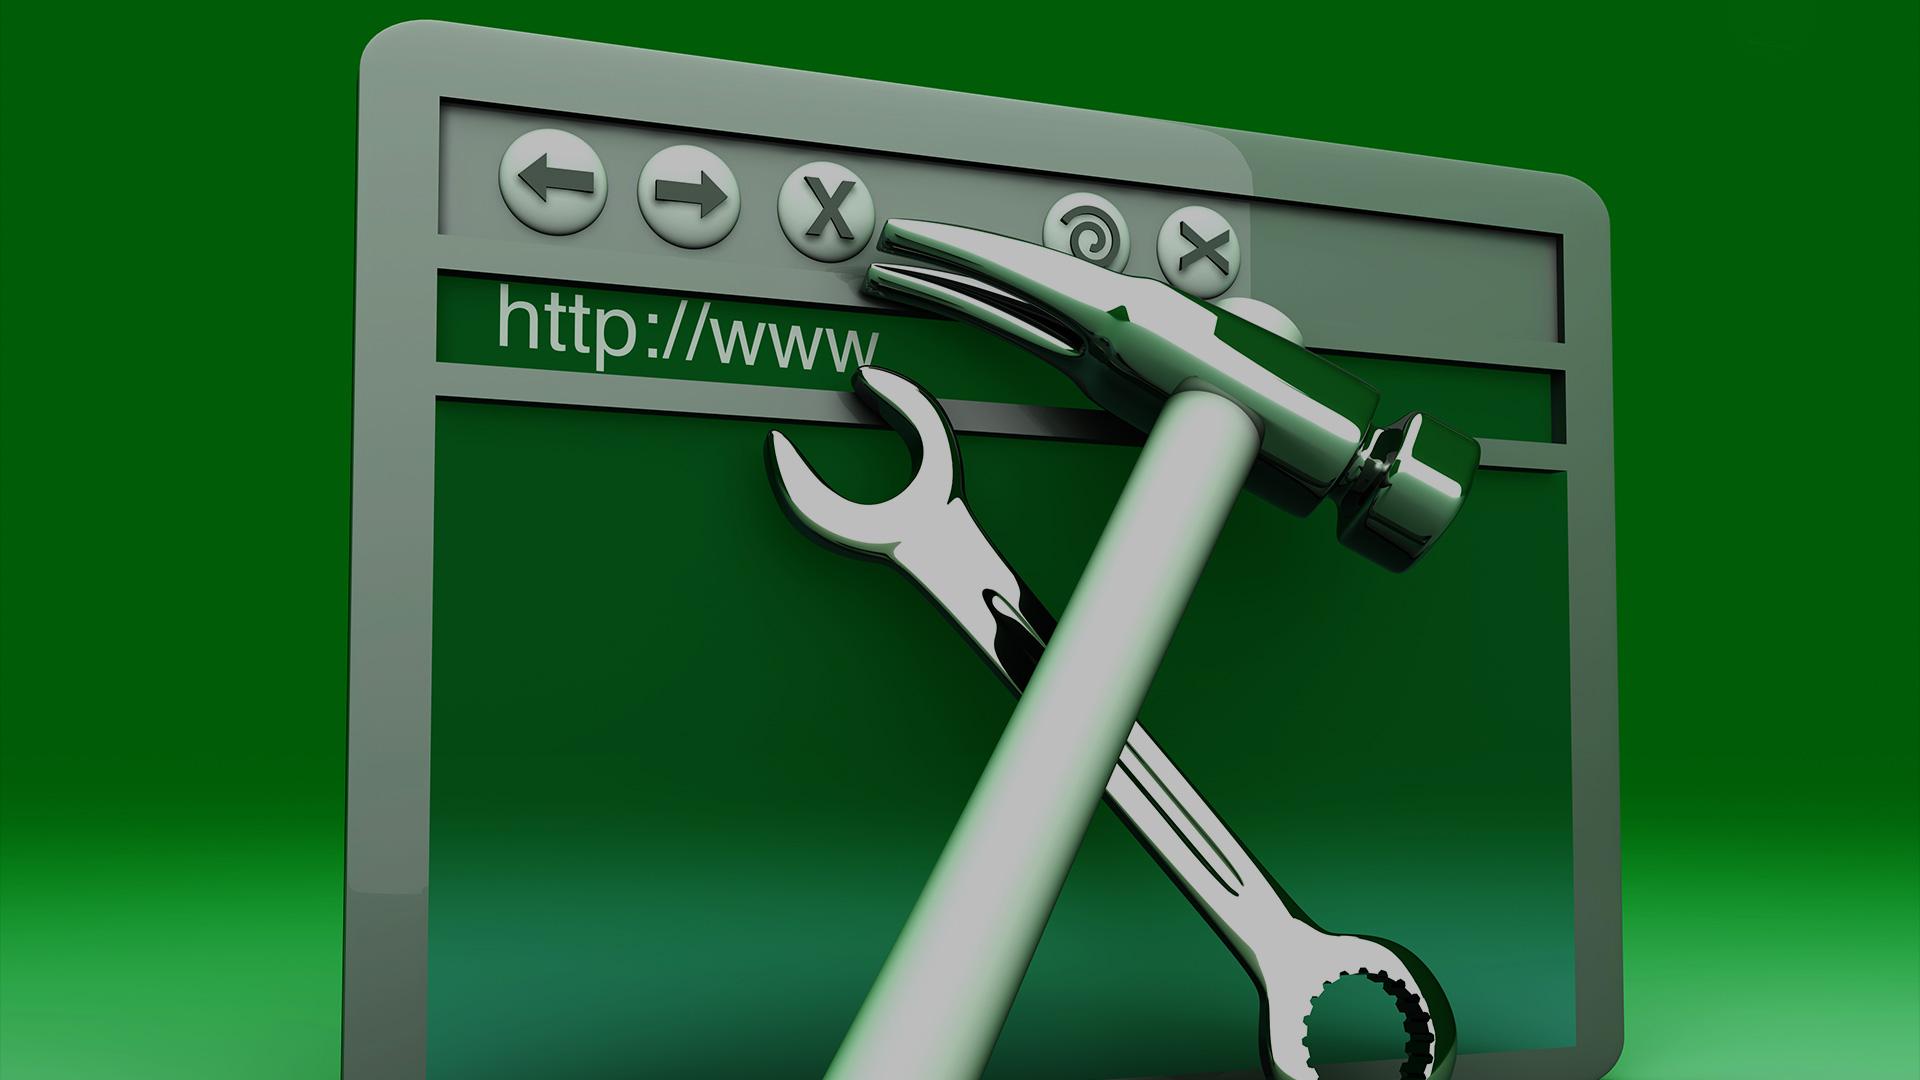 Cerco Webmaster per Sito